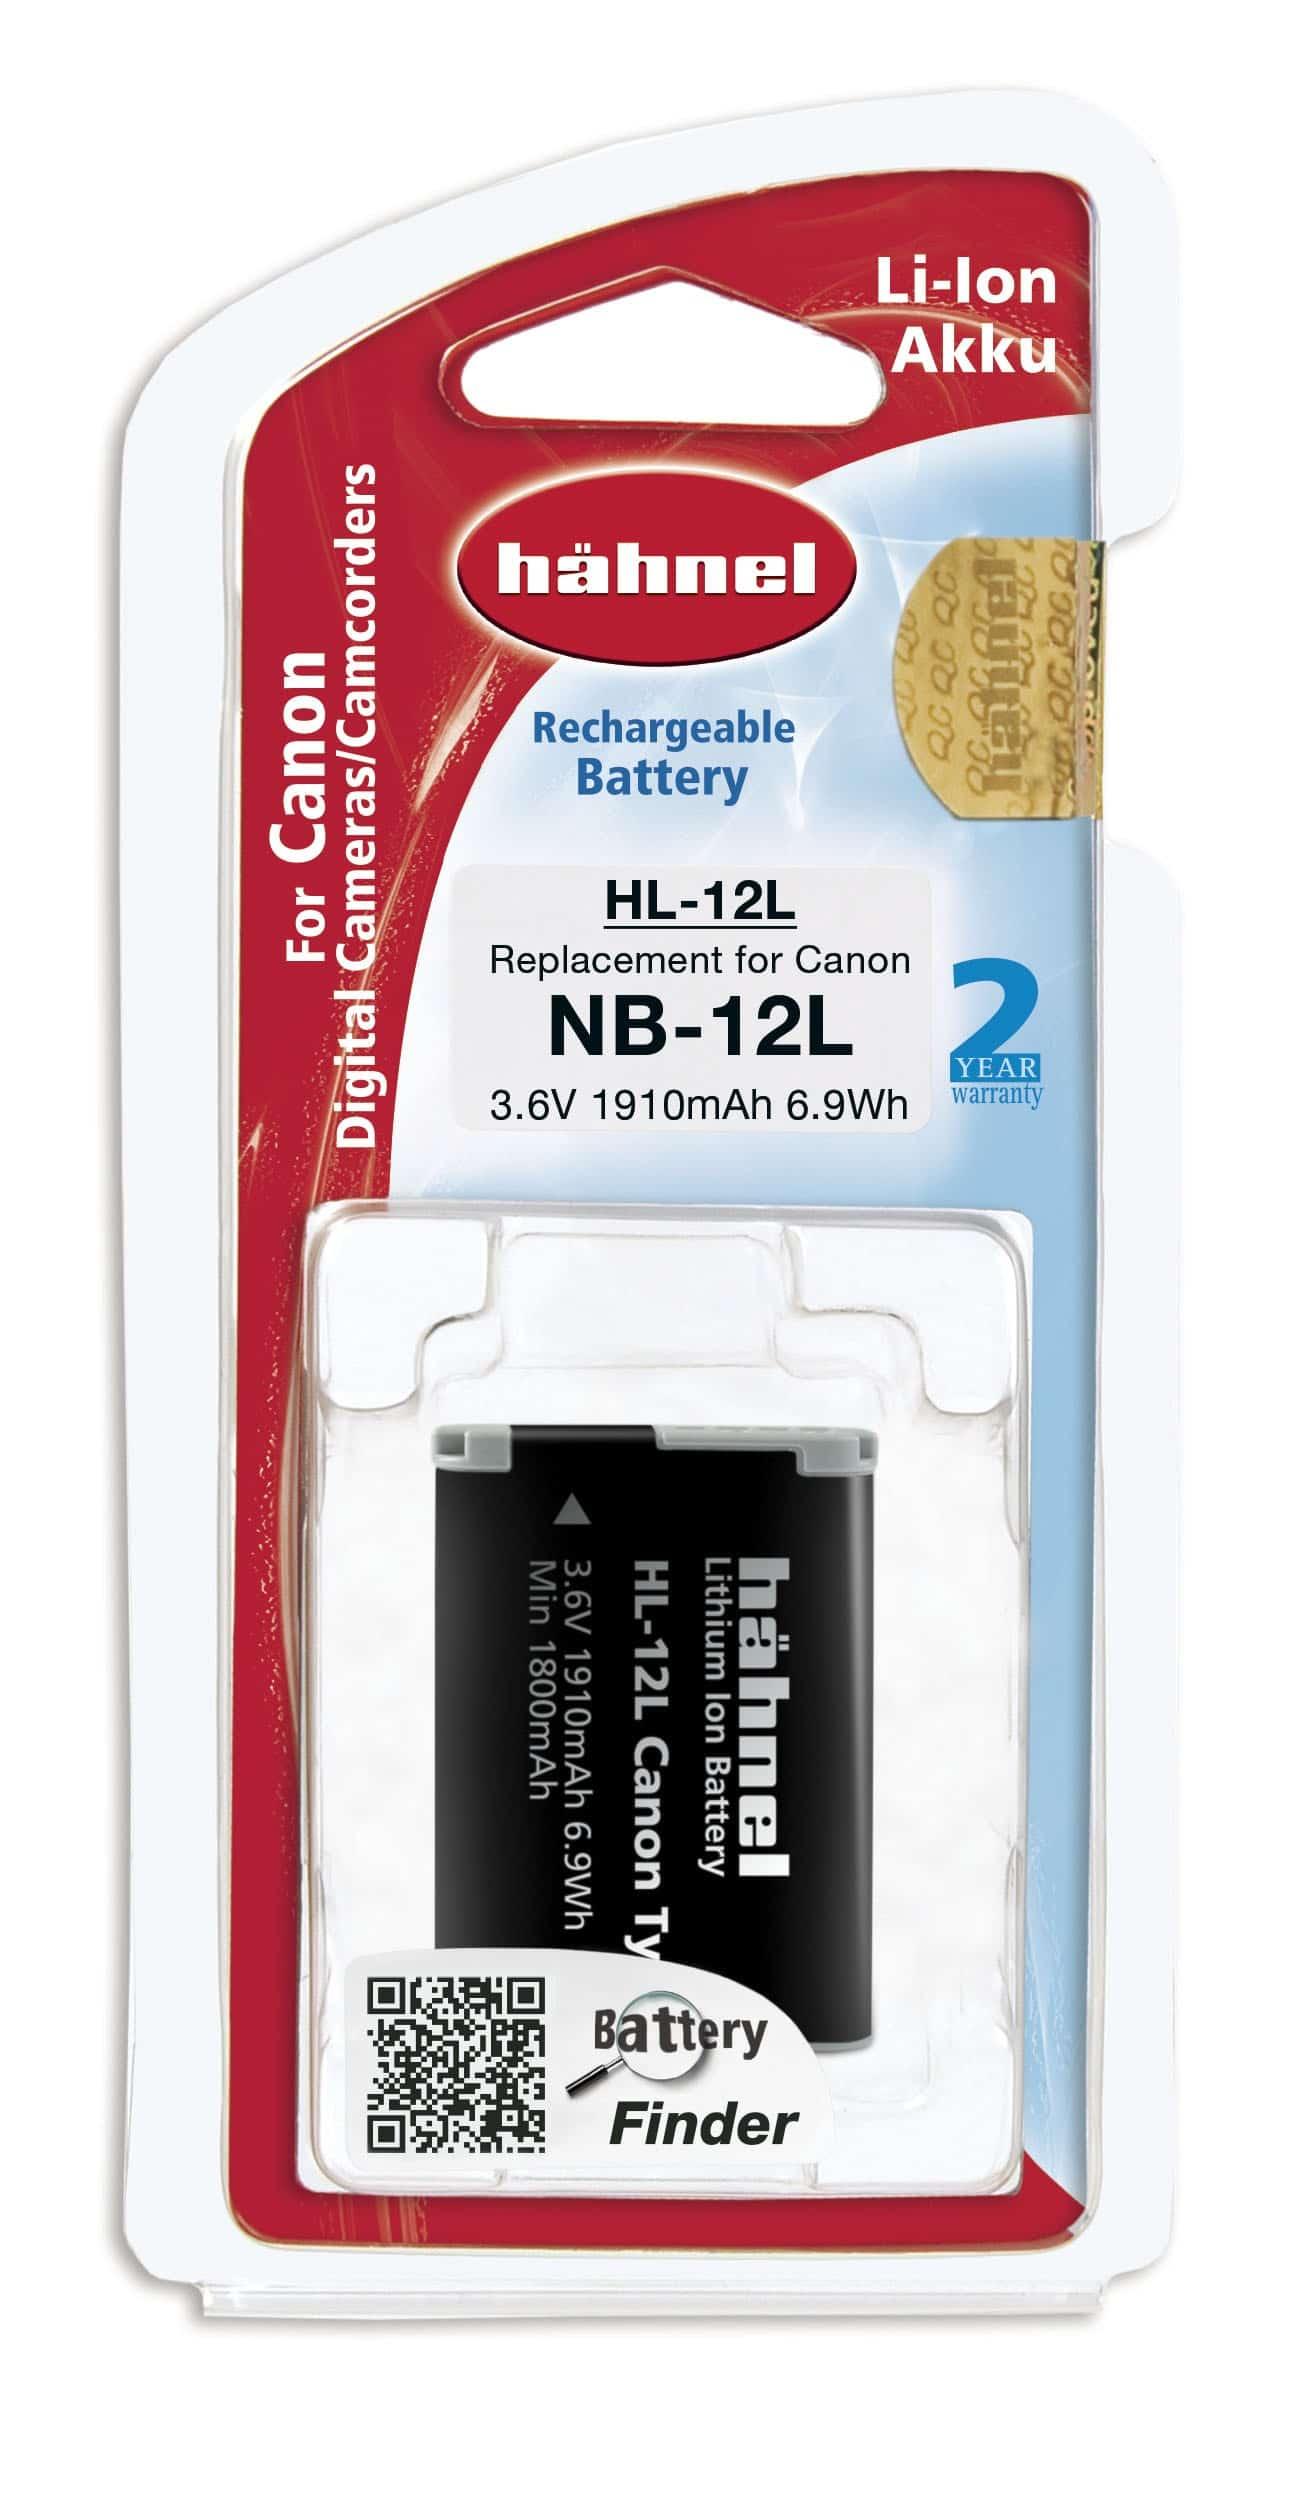 סוללה נטענת חליפית CANON NB-12L